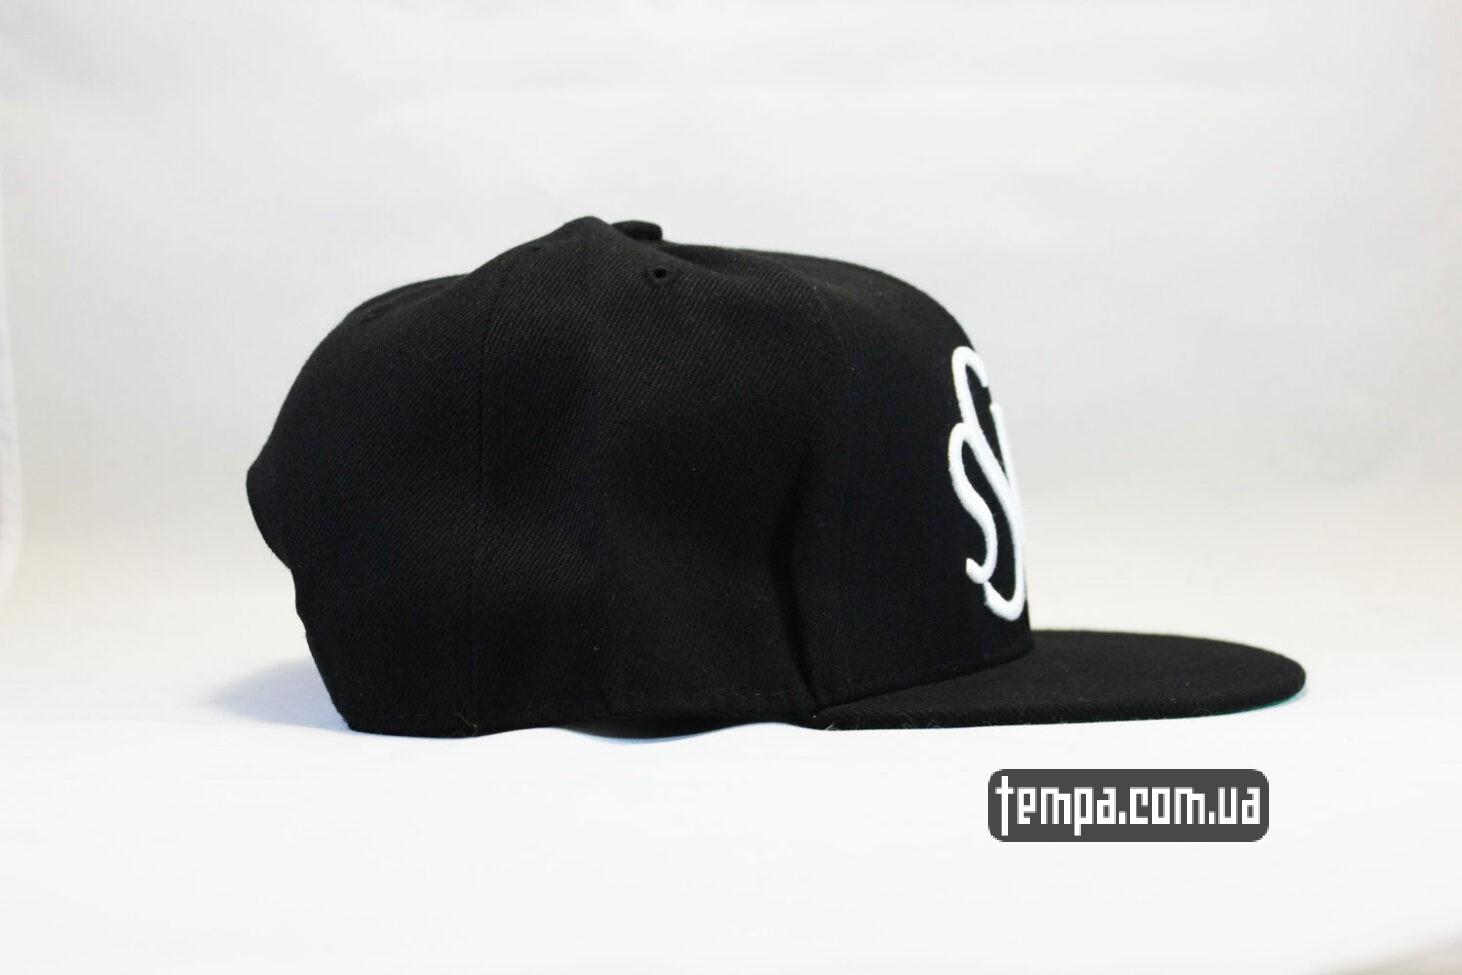 купить оригинал украина кепка snapback ssur одесса черная бейсболка